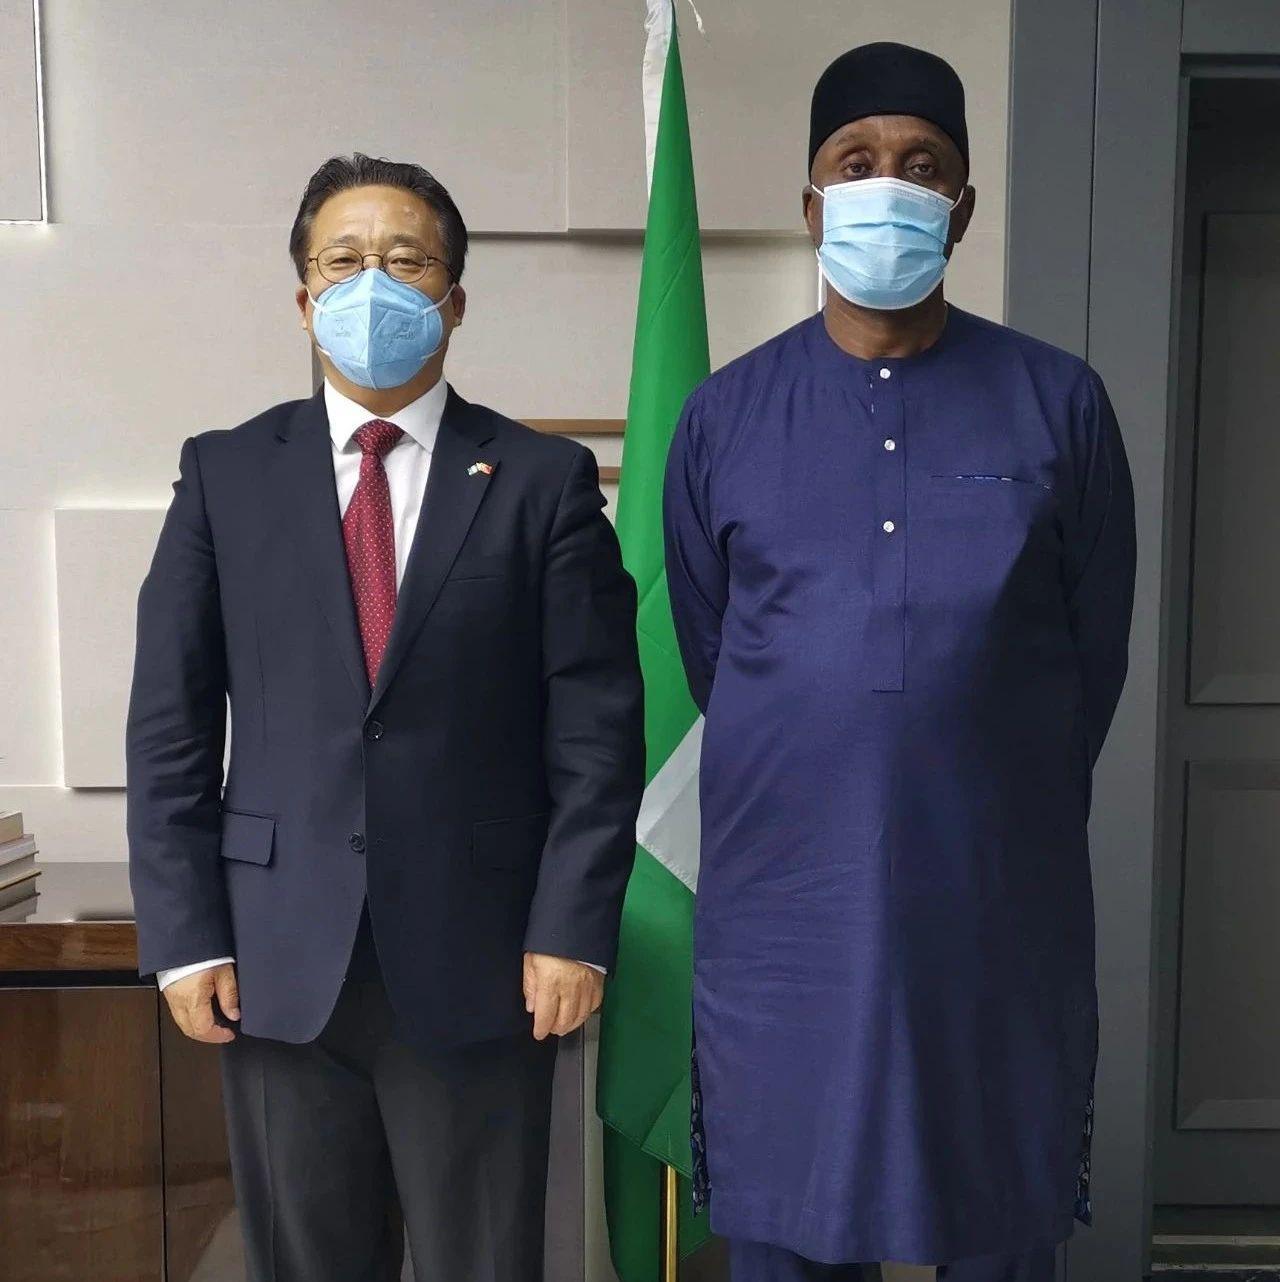 驻尼日利亚大使到任拜会尼交通运输部长阿玛埃奇